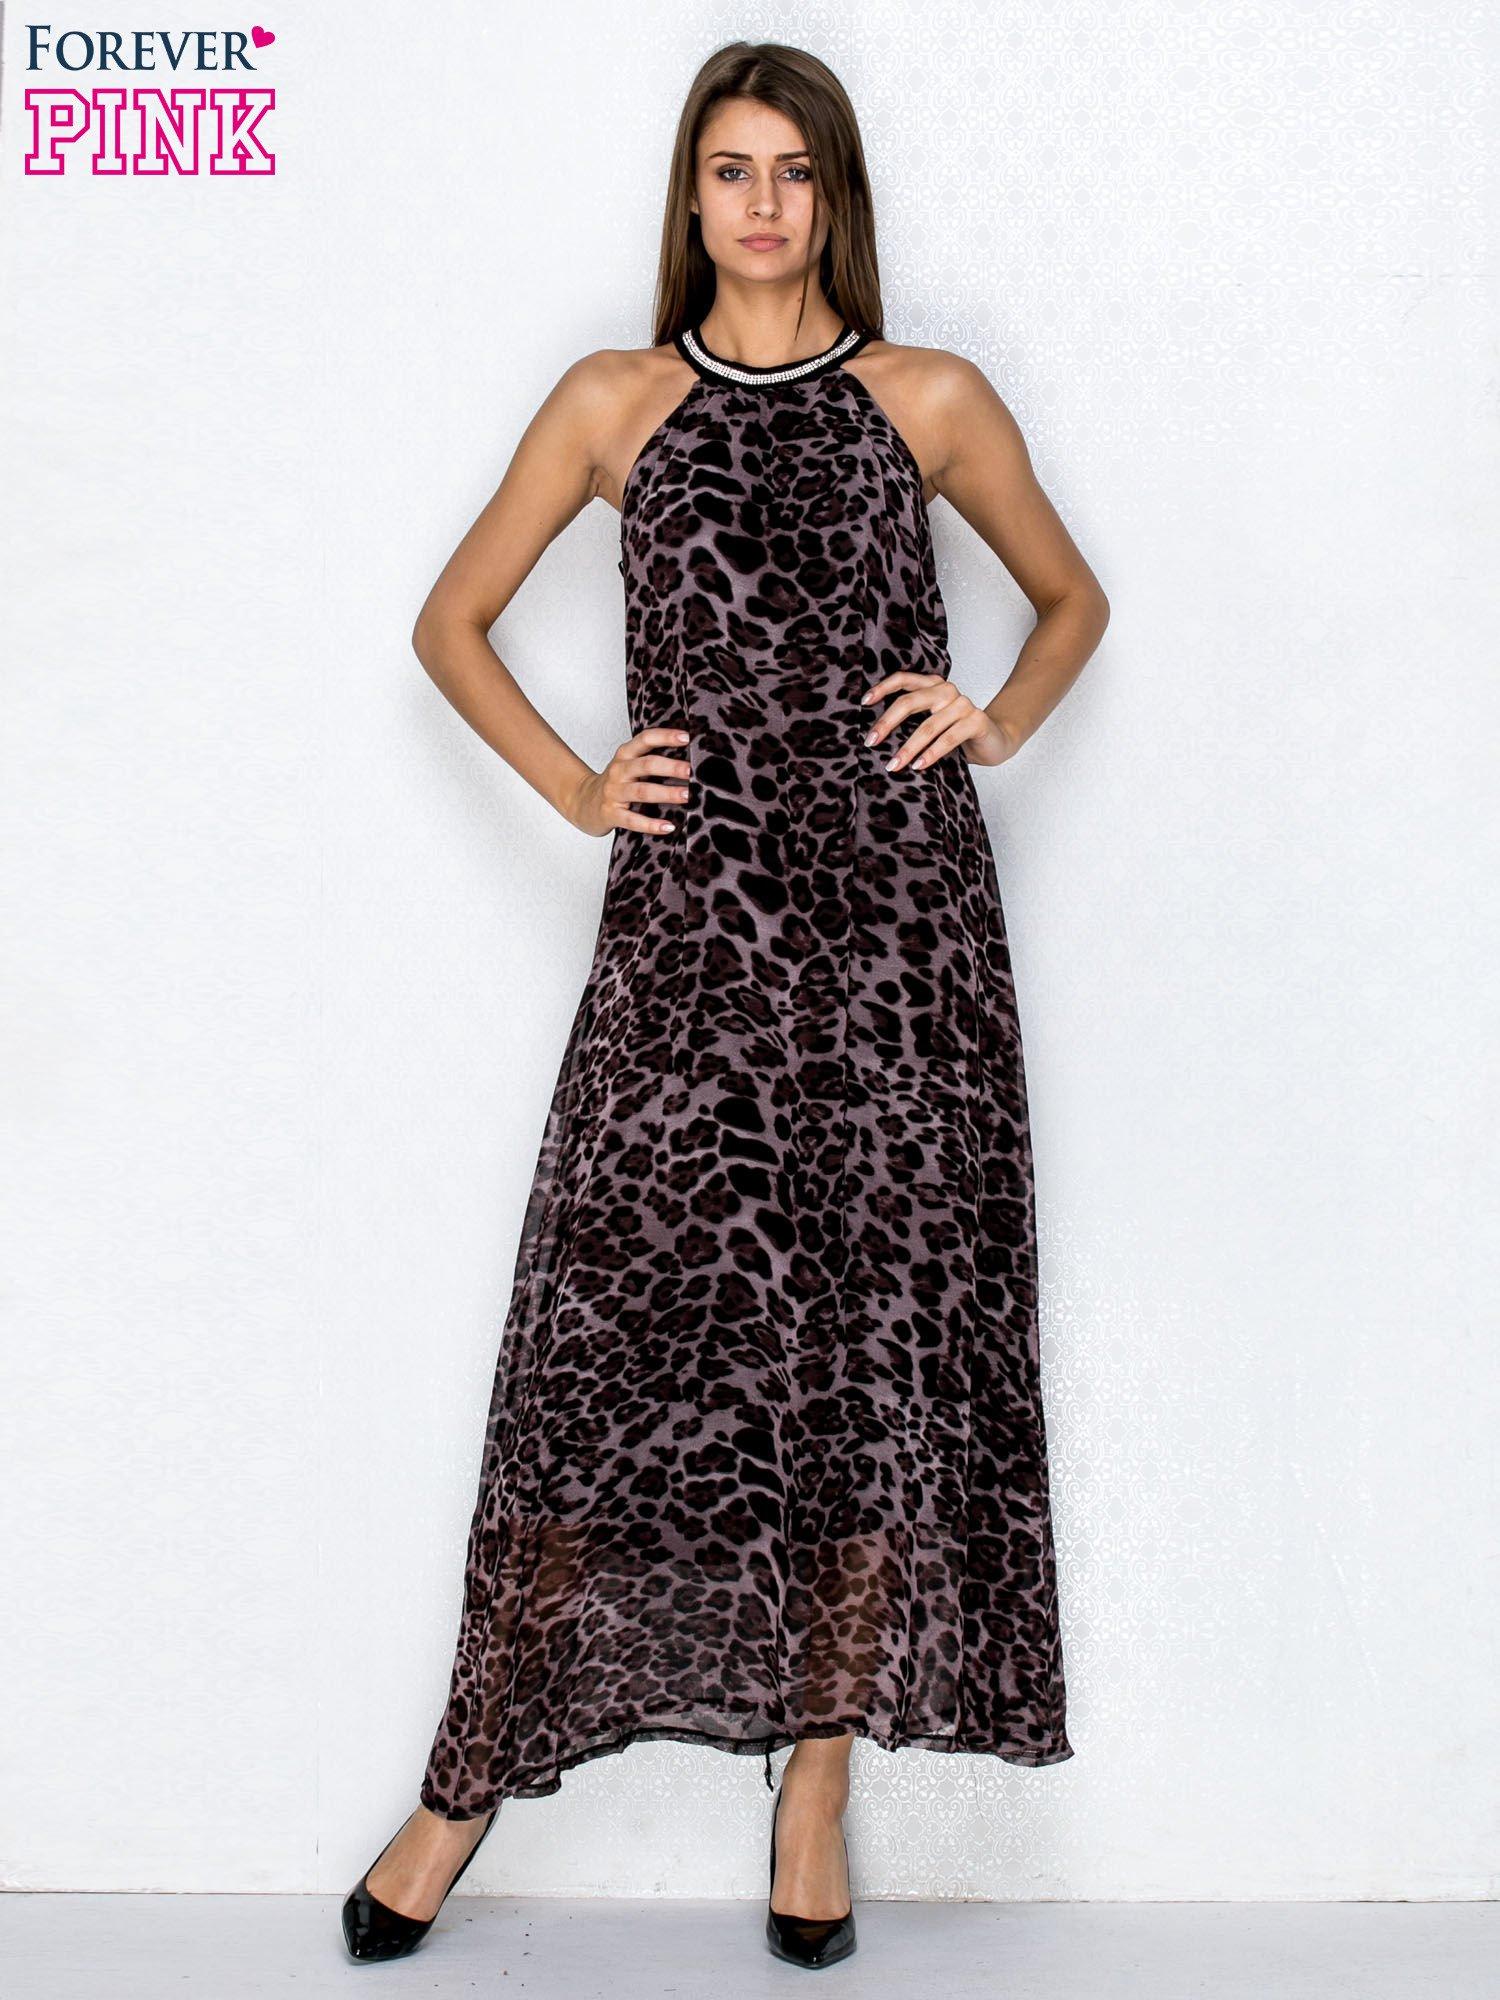 Fioletowa sukienka maxi w panterę z biżuteryjnym dekoltem                                  zdj.                                  4